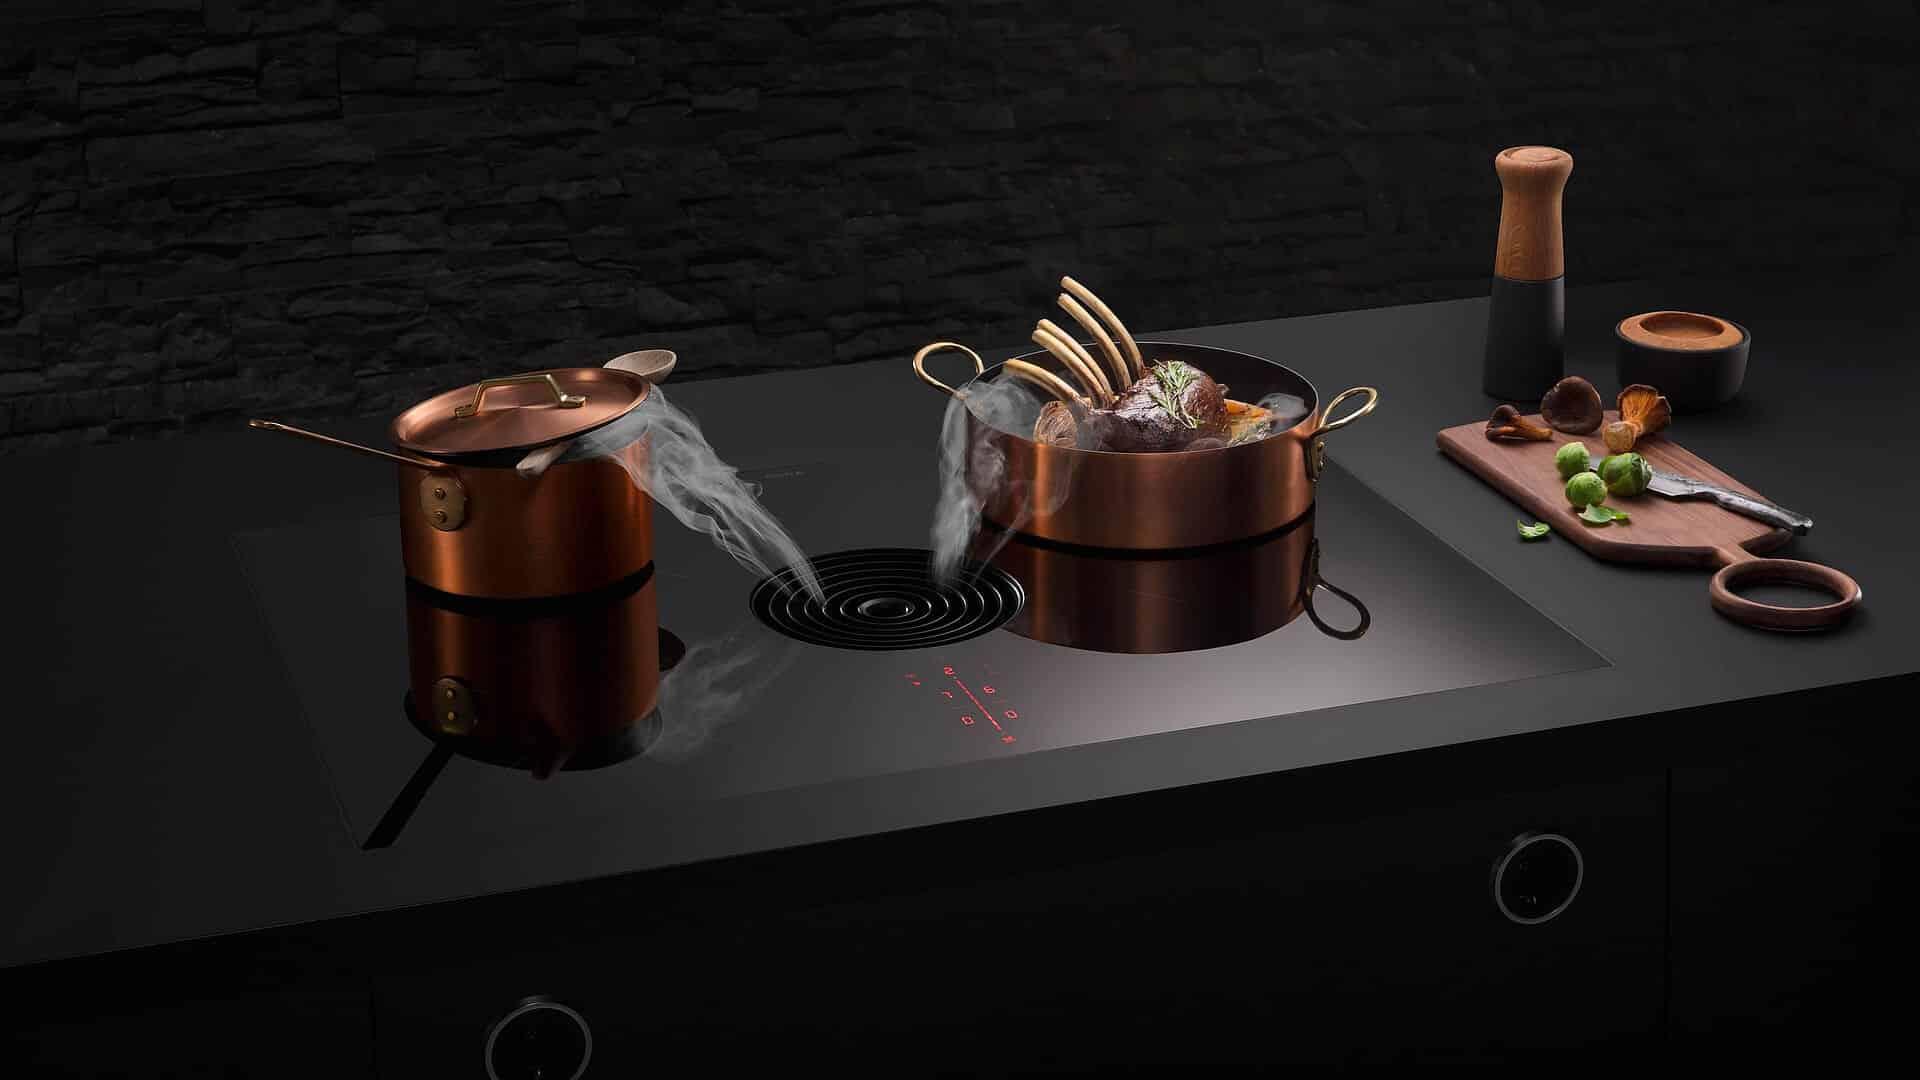 Bora Pure Kookplaat Van Ginkel Keukens